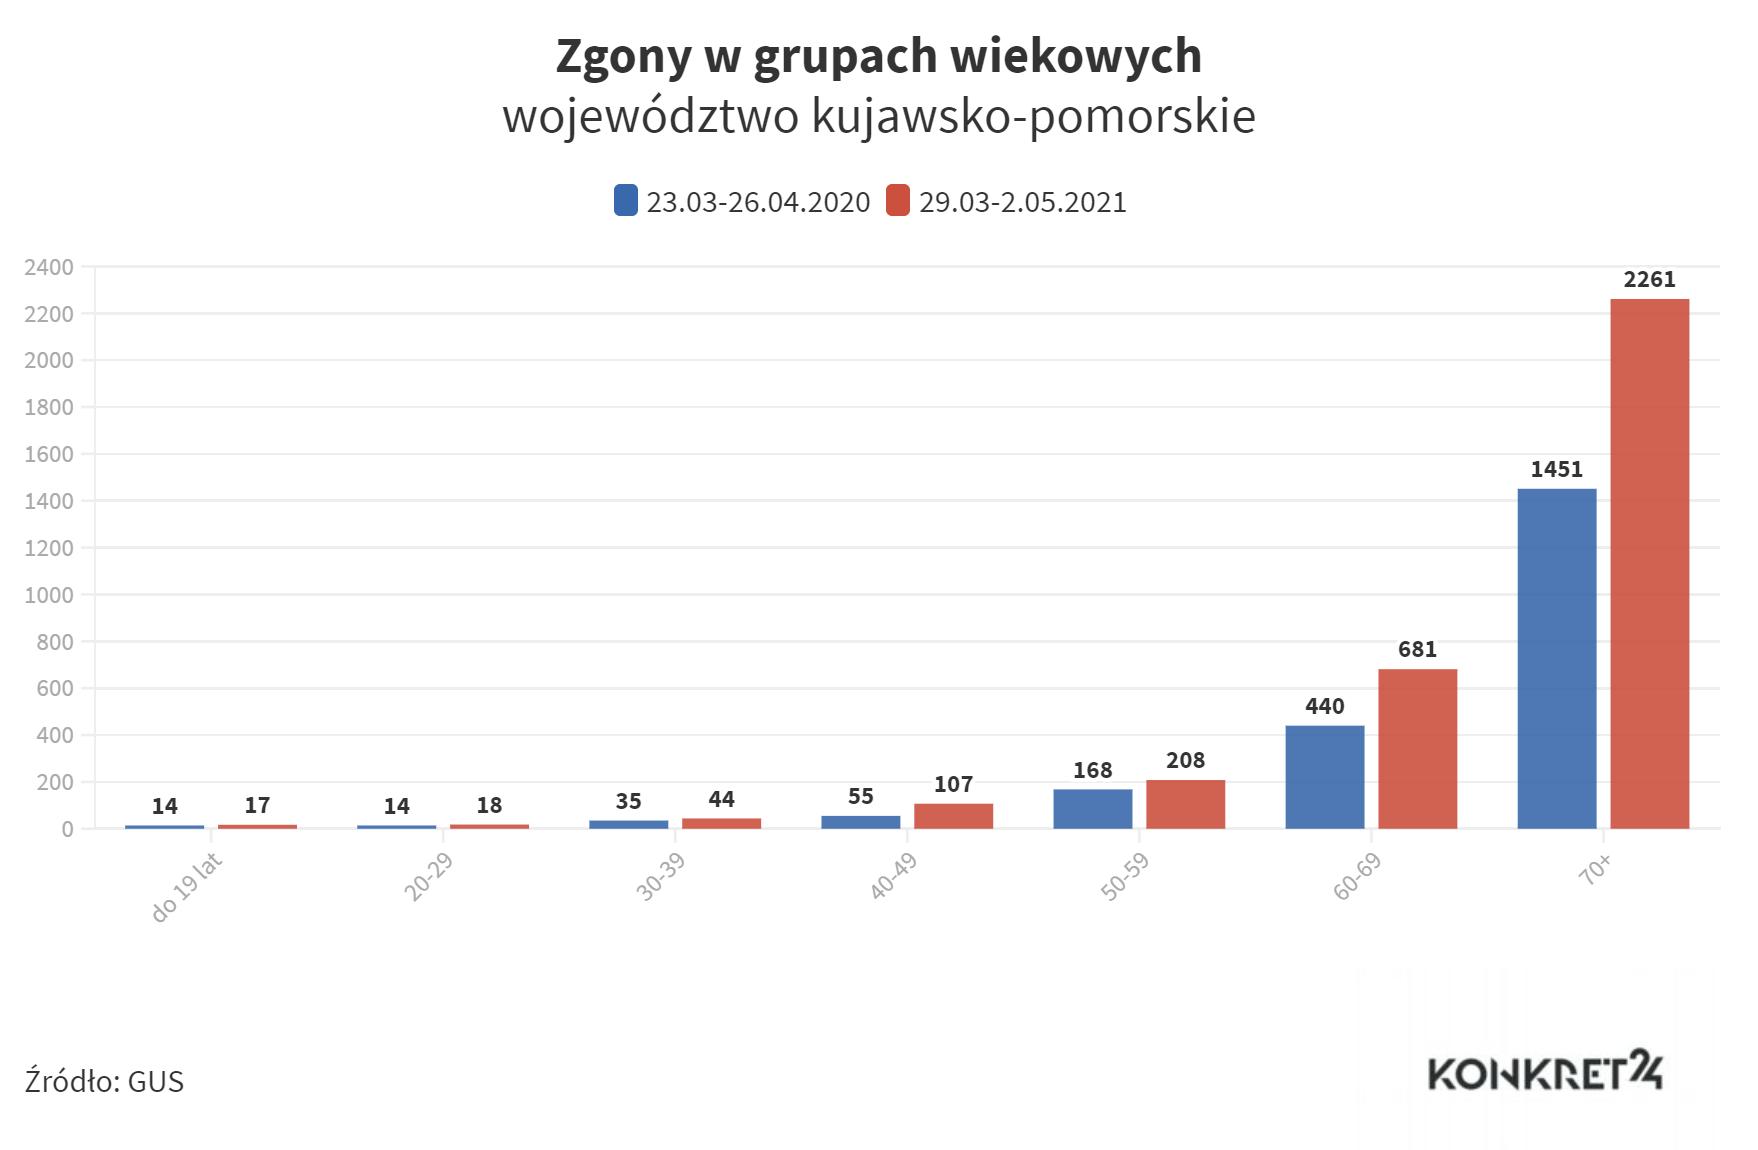 Zgony w grupach wiekowych (kujawsko-pomorskie)